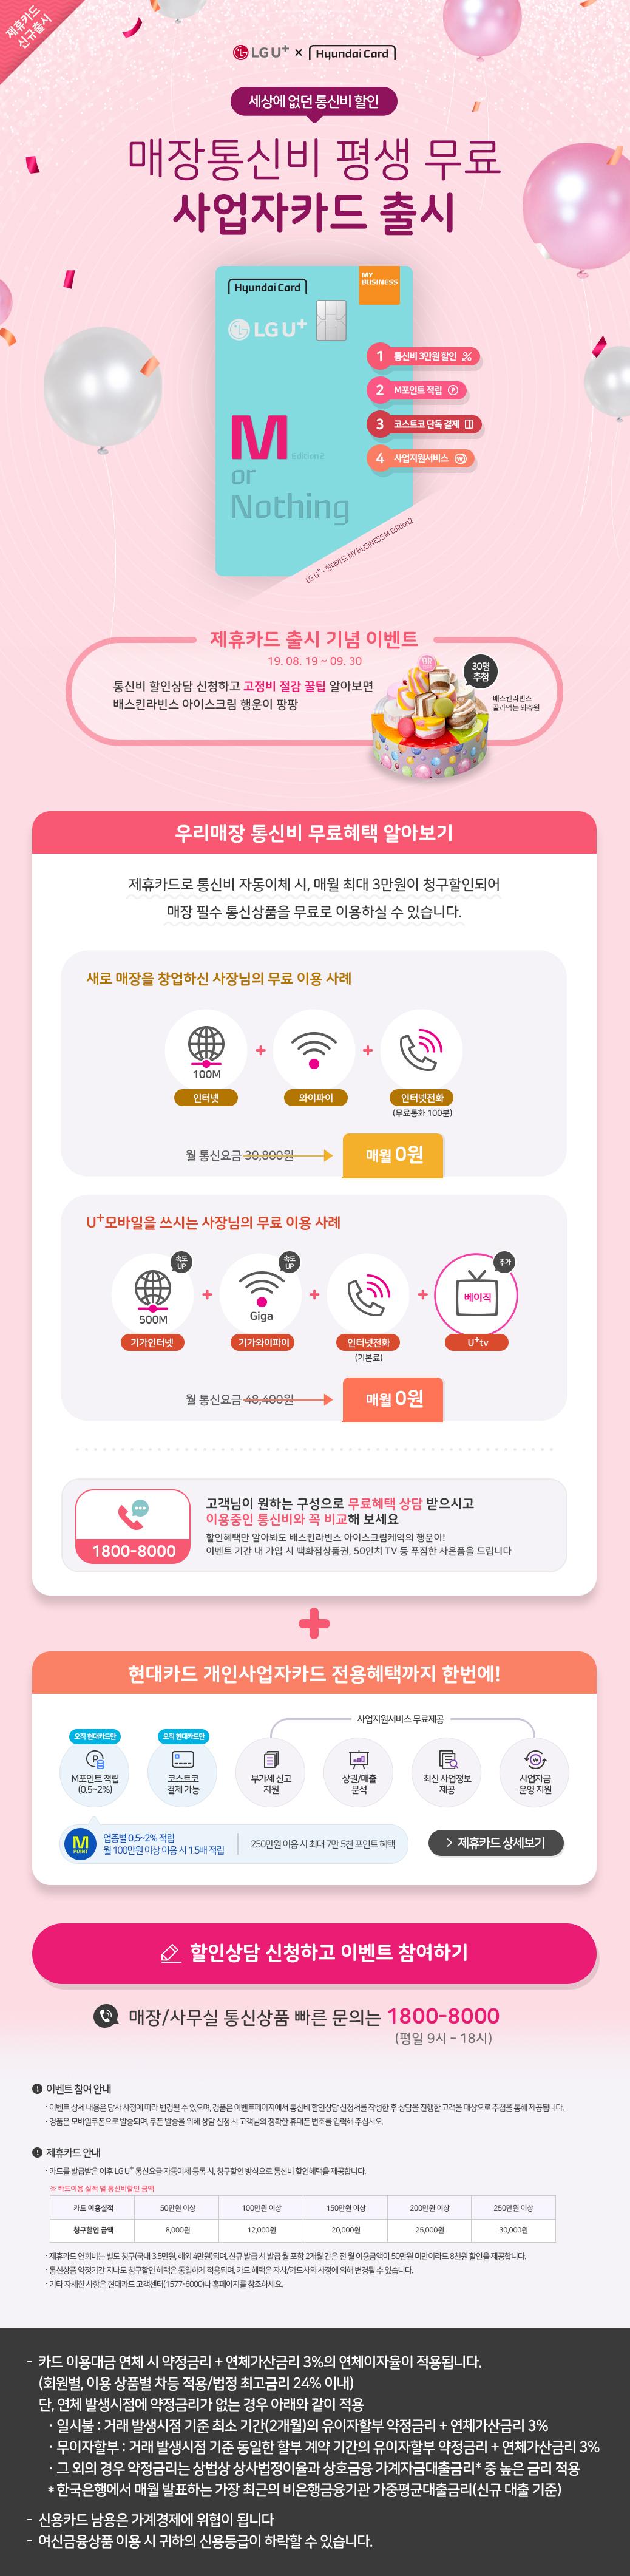 LG U+ x Hyundai Card 세상에 없던 통신비 할인 매장통신비 평생 무료 사업자 카드 출시 (자세한 내용은 아래 참조)